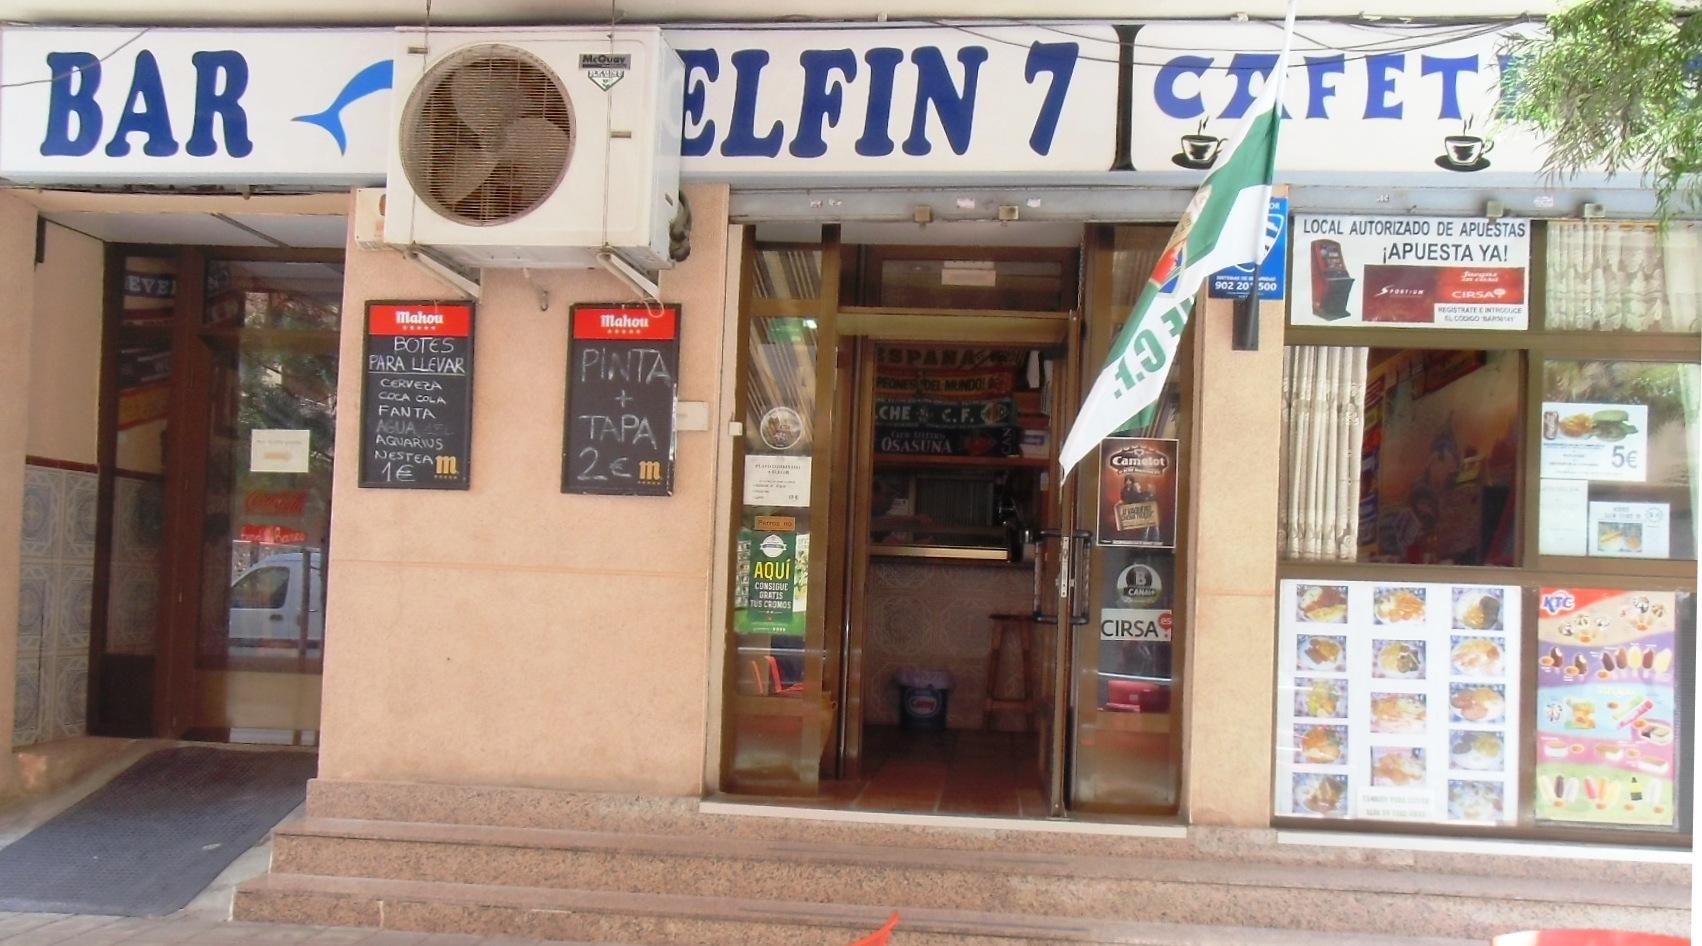 DELFIN 7